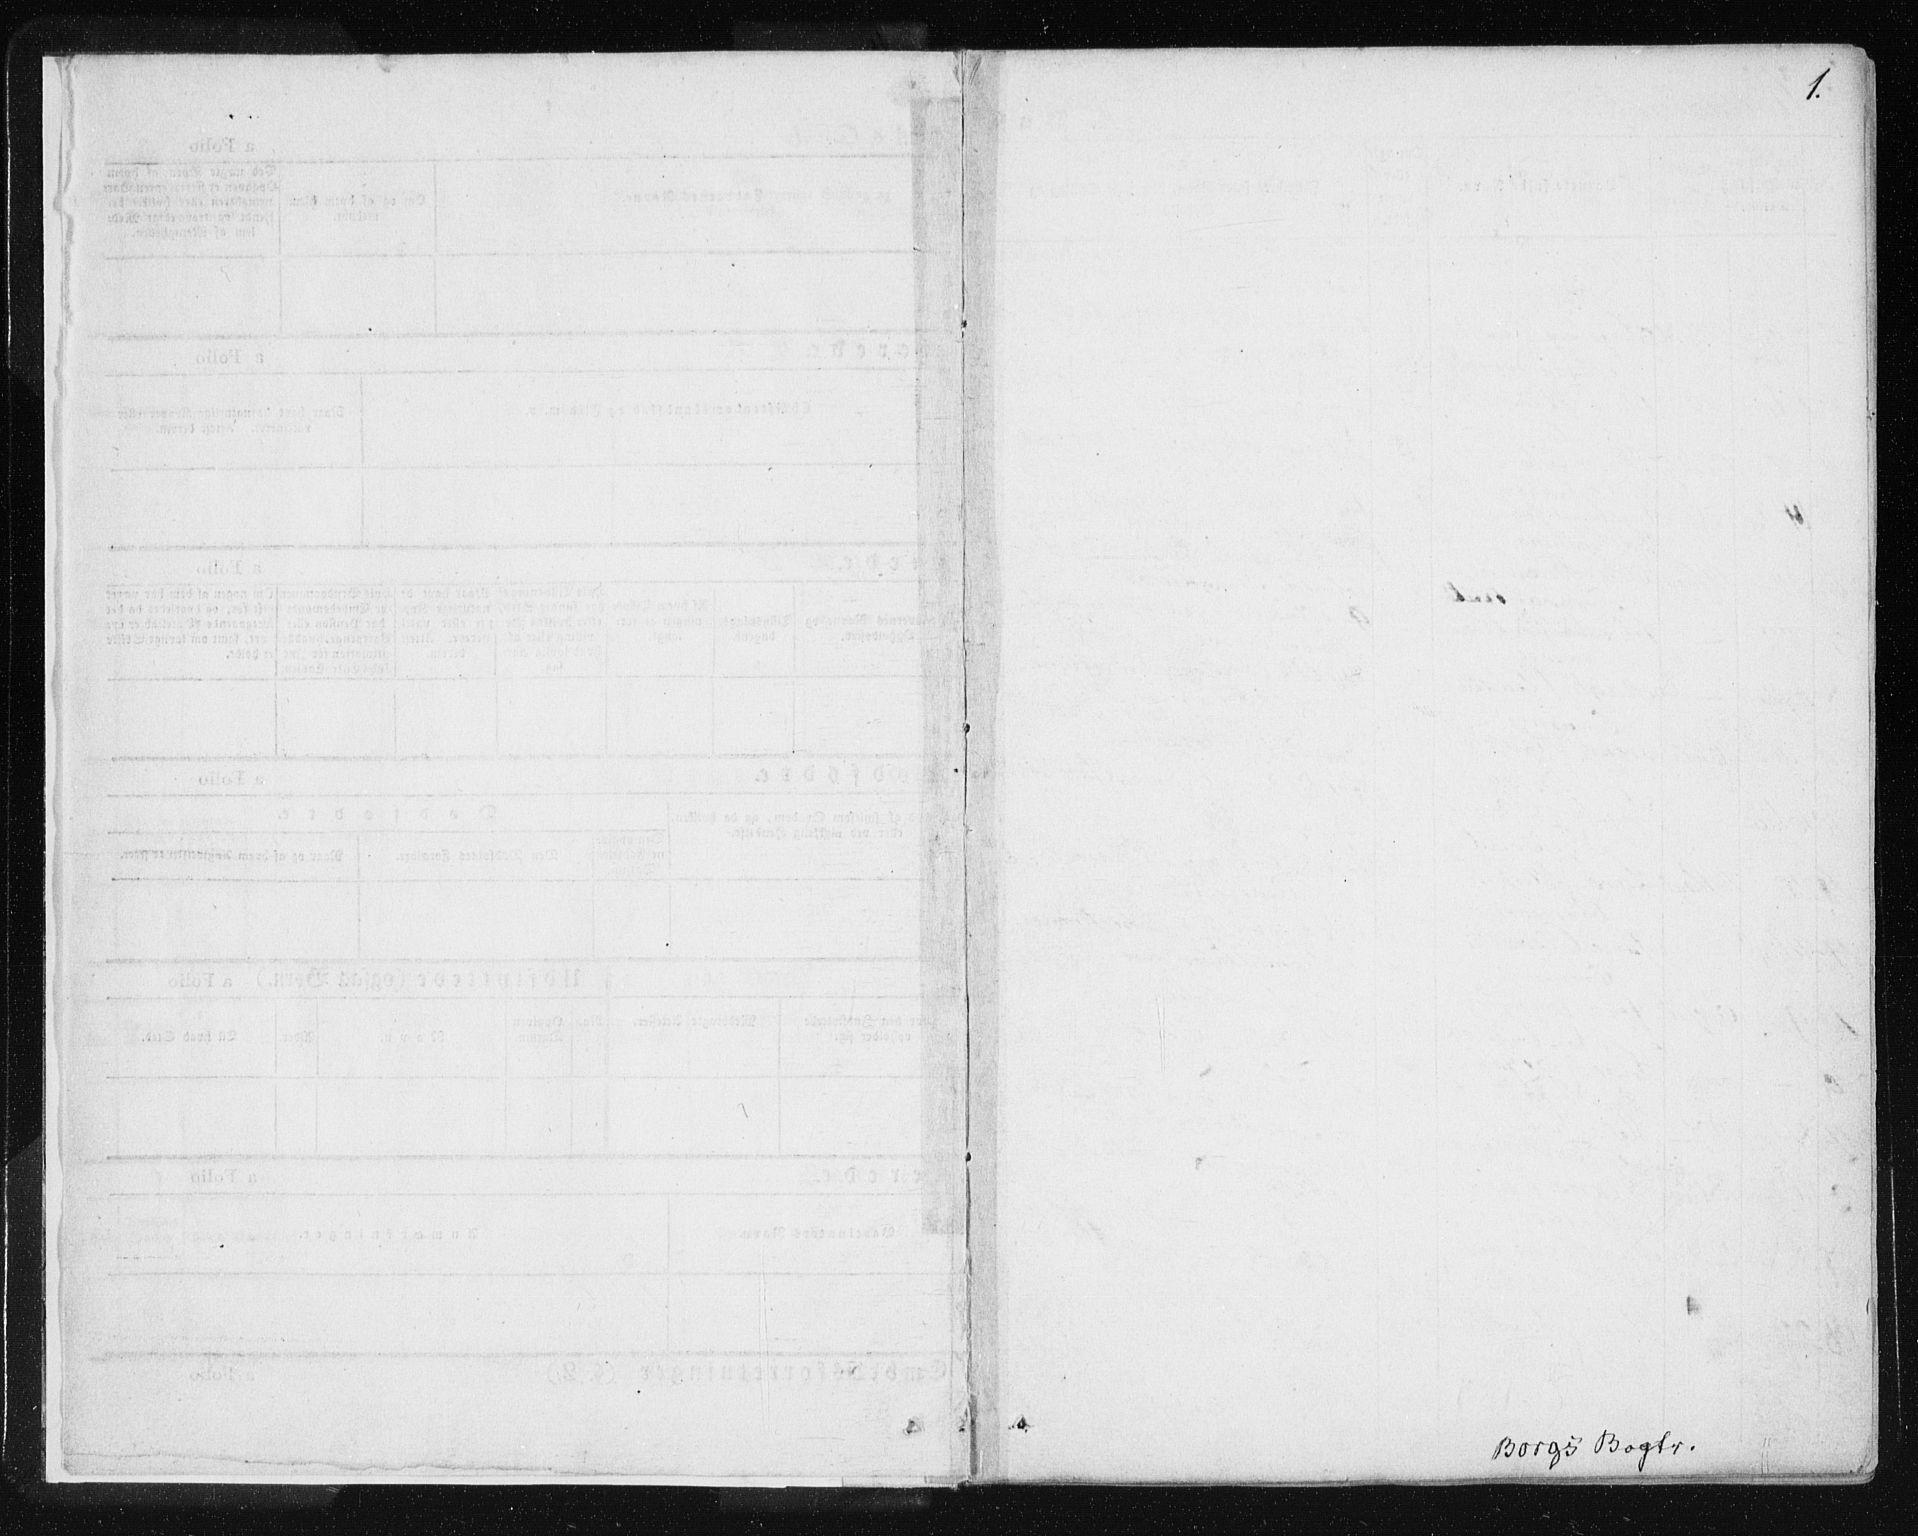 SAT, Ministerialprotokoller, klokkerbøker og fødselsregistre - Sør-Trøndelag, 685/L0963: Ministerialbok nr. 685A06 /1, 1846-1859, s. 1